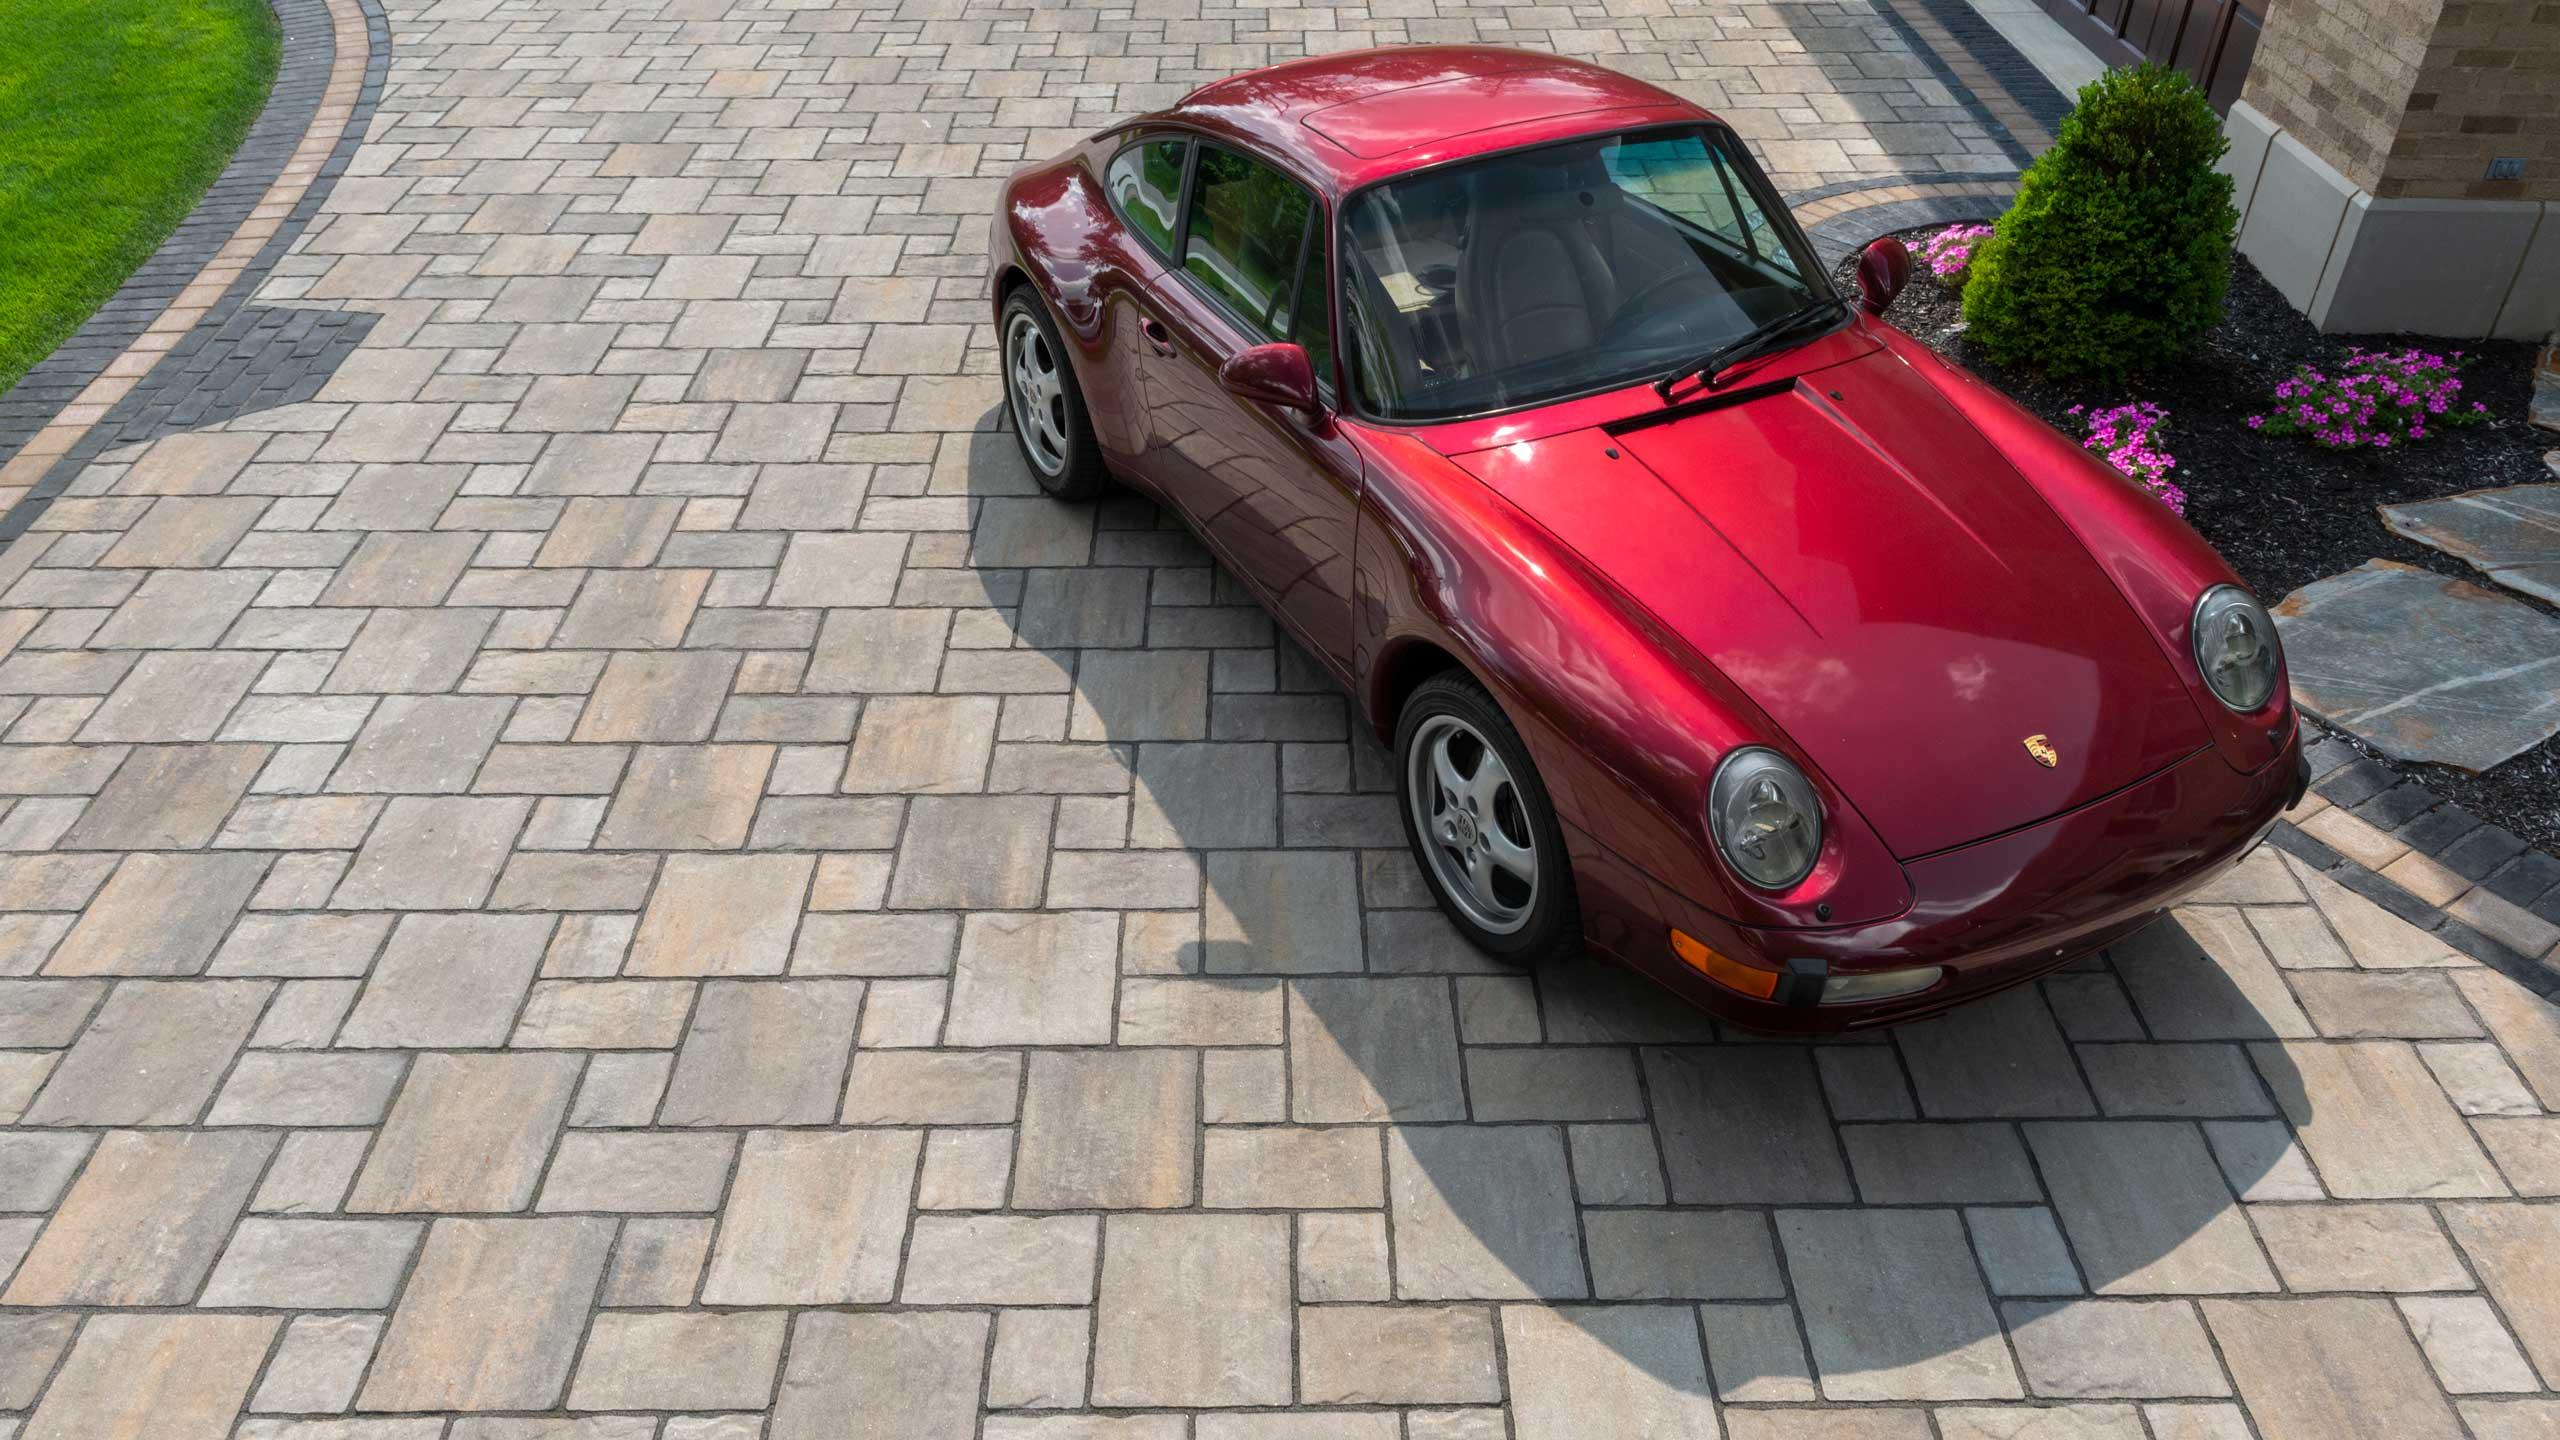 Classic Red Car on Thornbury Driveway